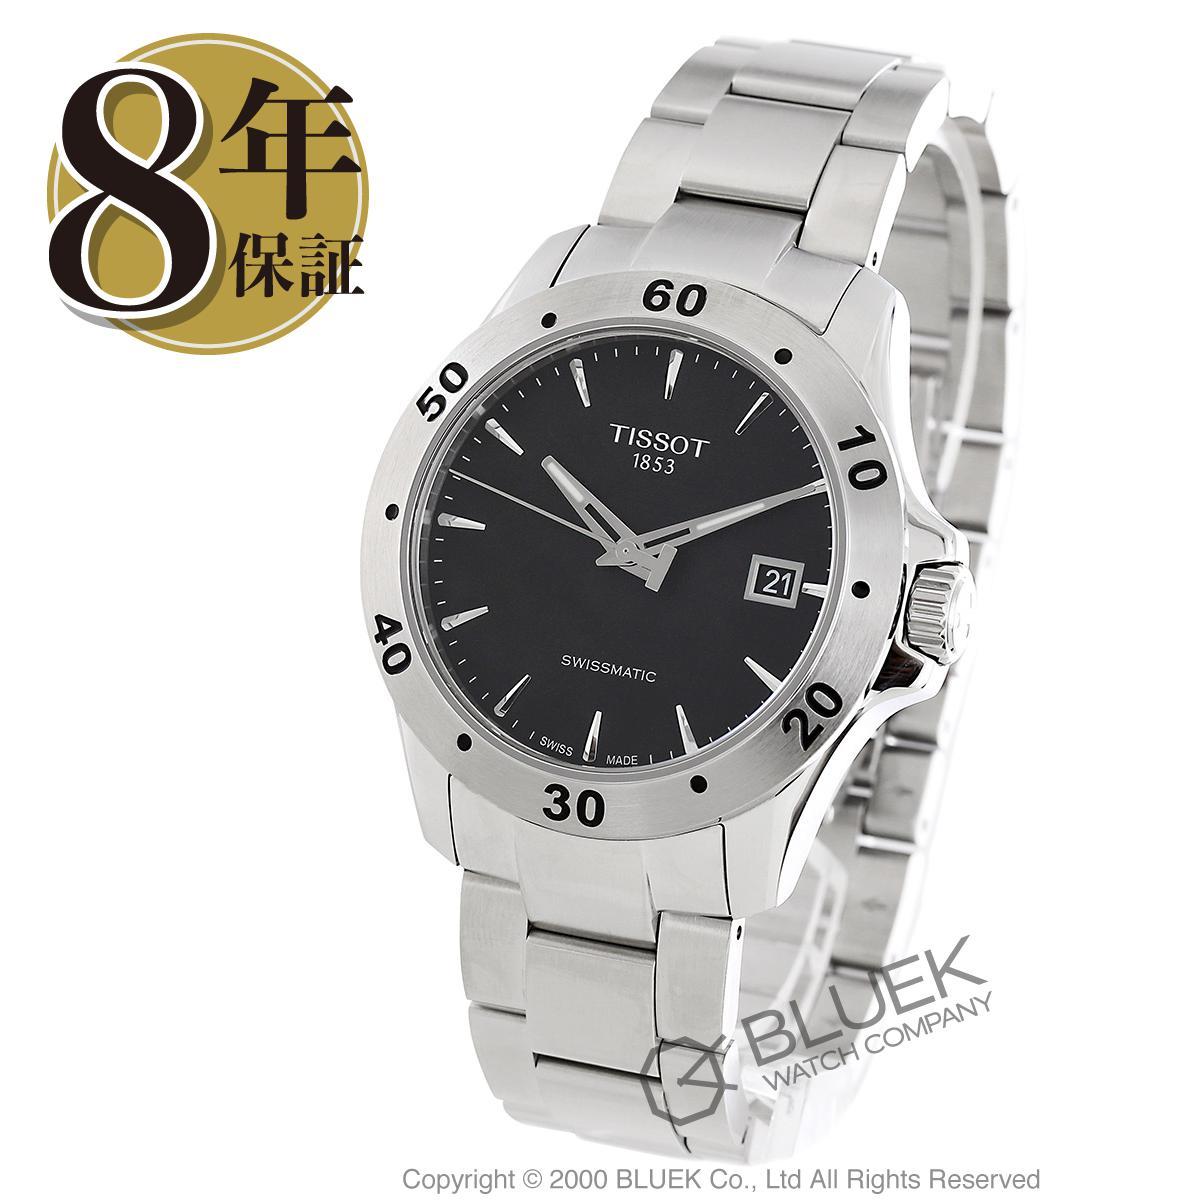 ティソ T-スポーツ V8 腕時計 メンズ TISSOT T106.407.11.051.00_8